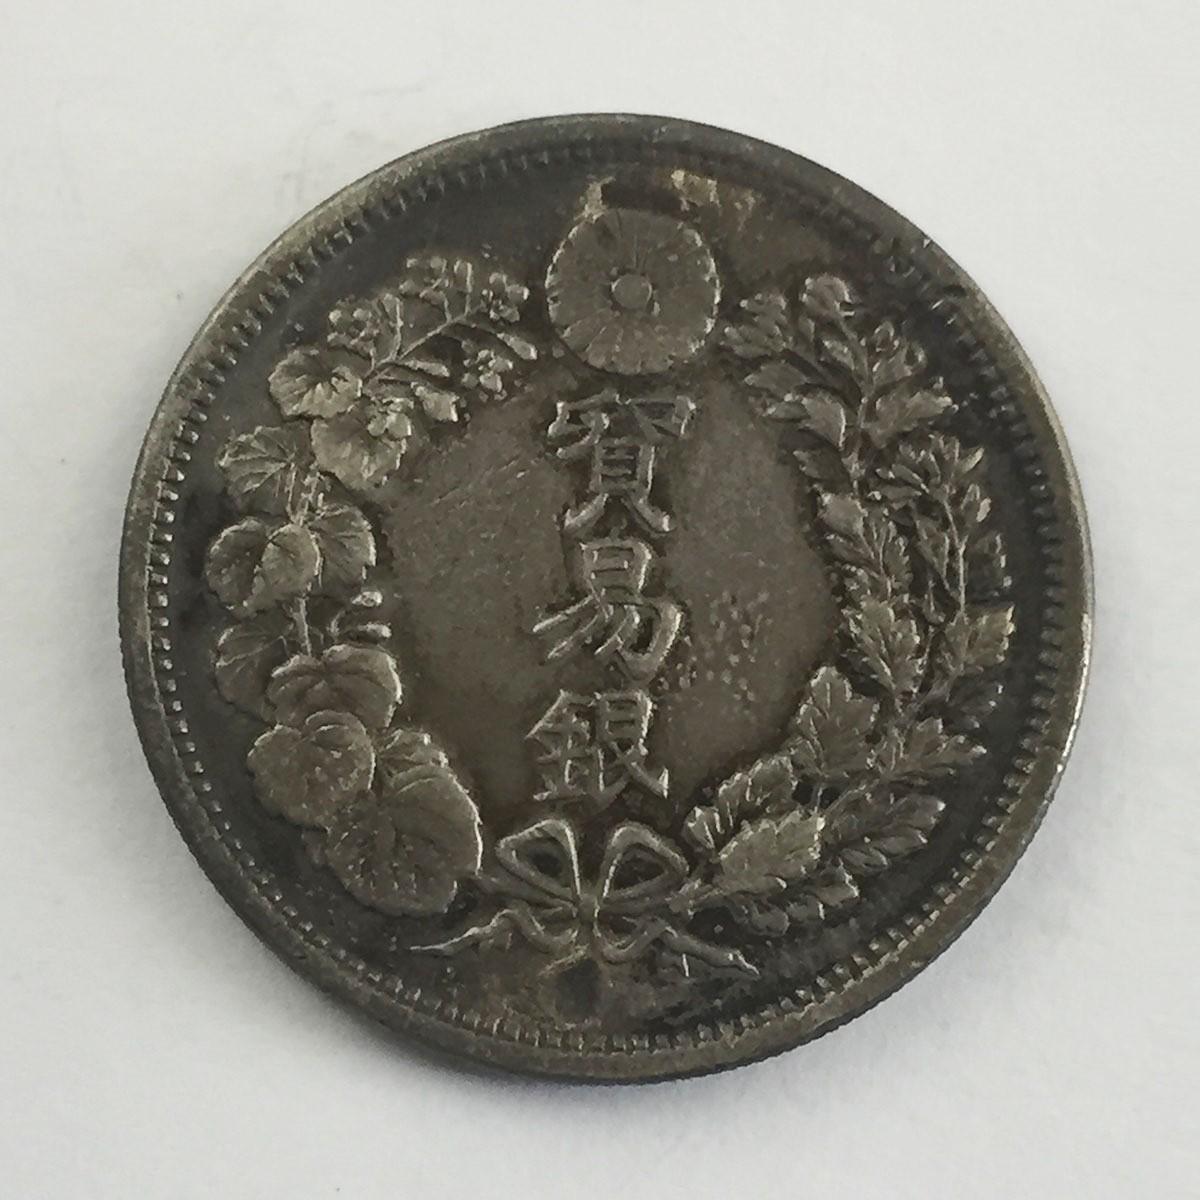 日本 明治九年 貿易銀 修正あり 1876年 | 収集ワールド